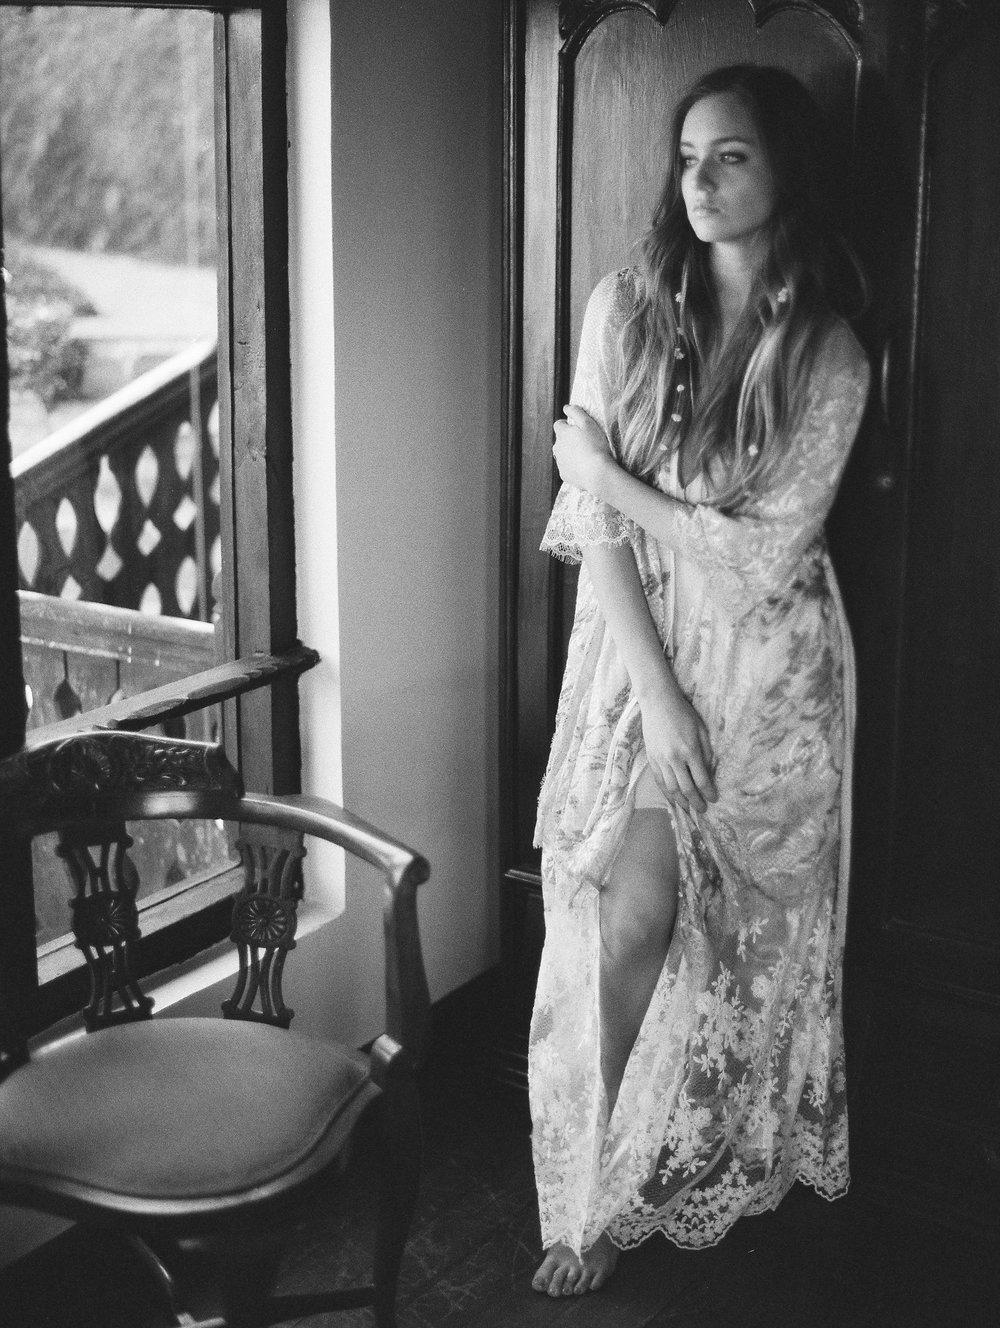 Nina&WesPhotography_MorningRetiscence_057.jpg